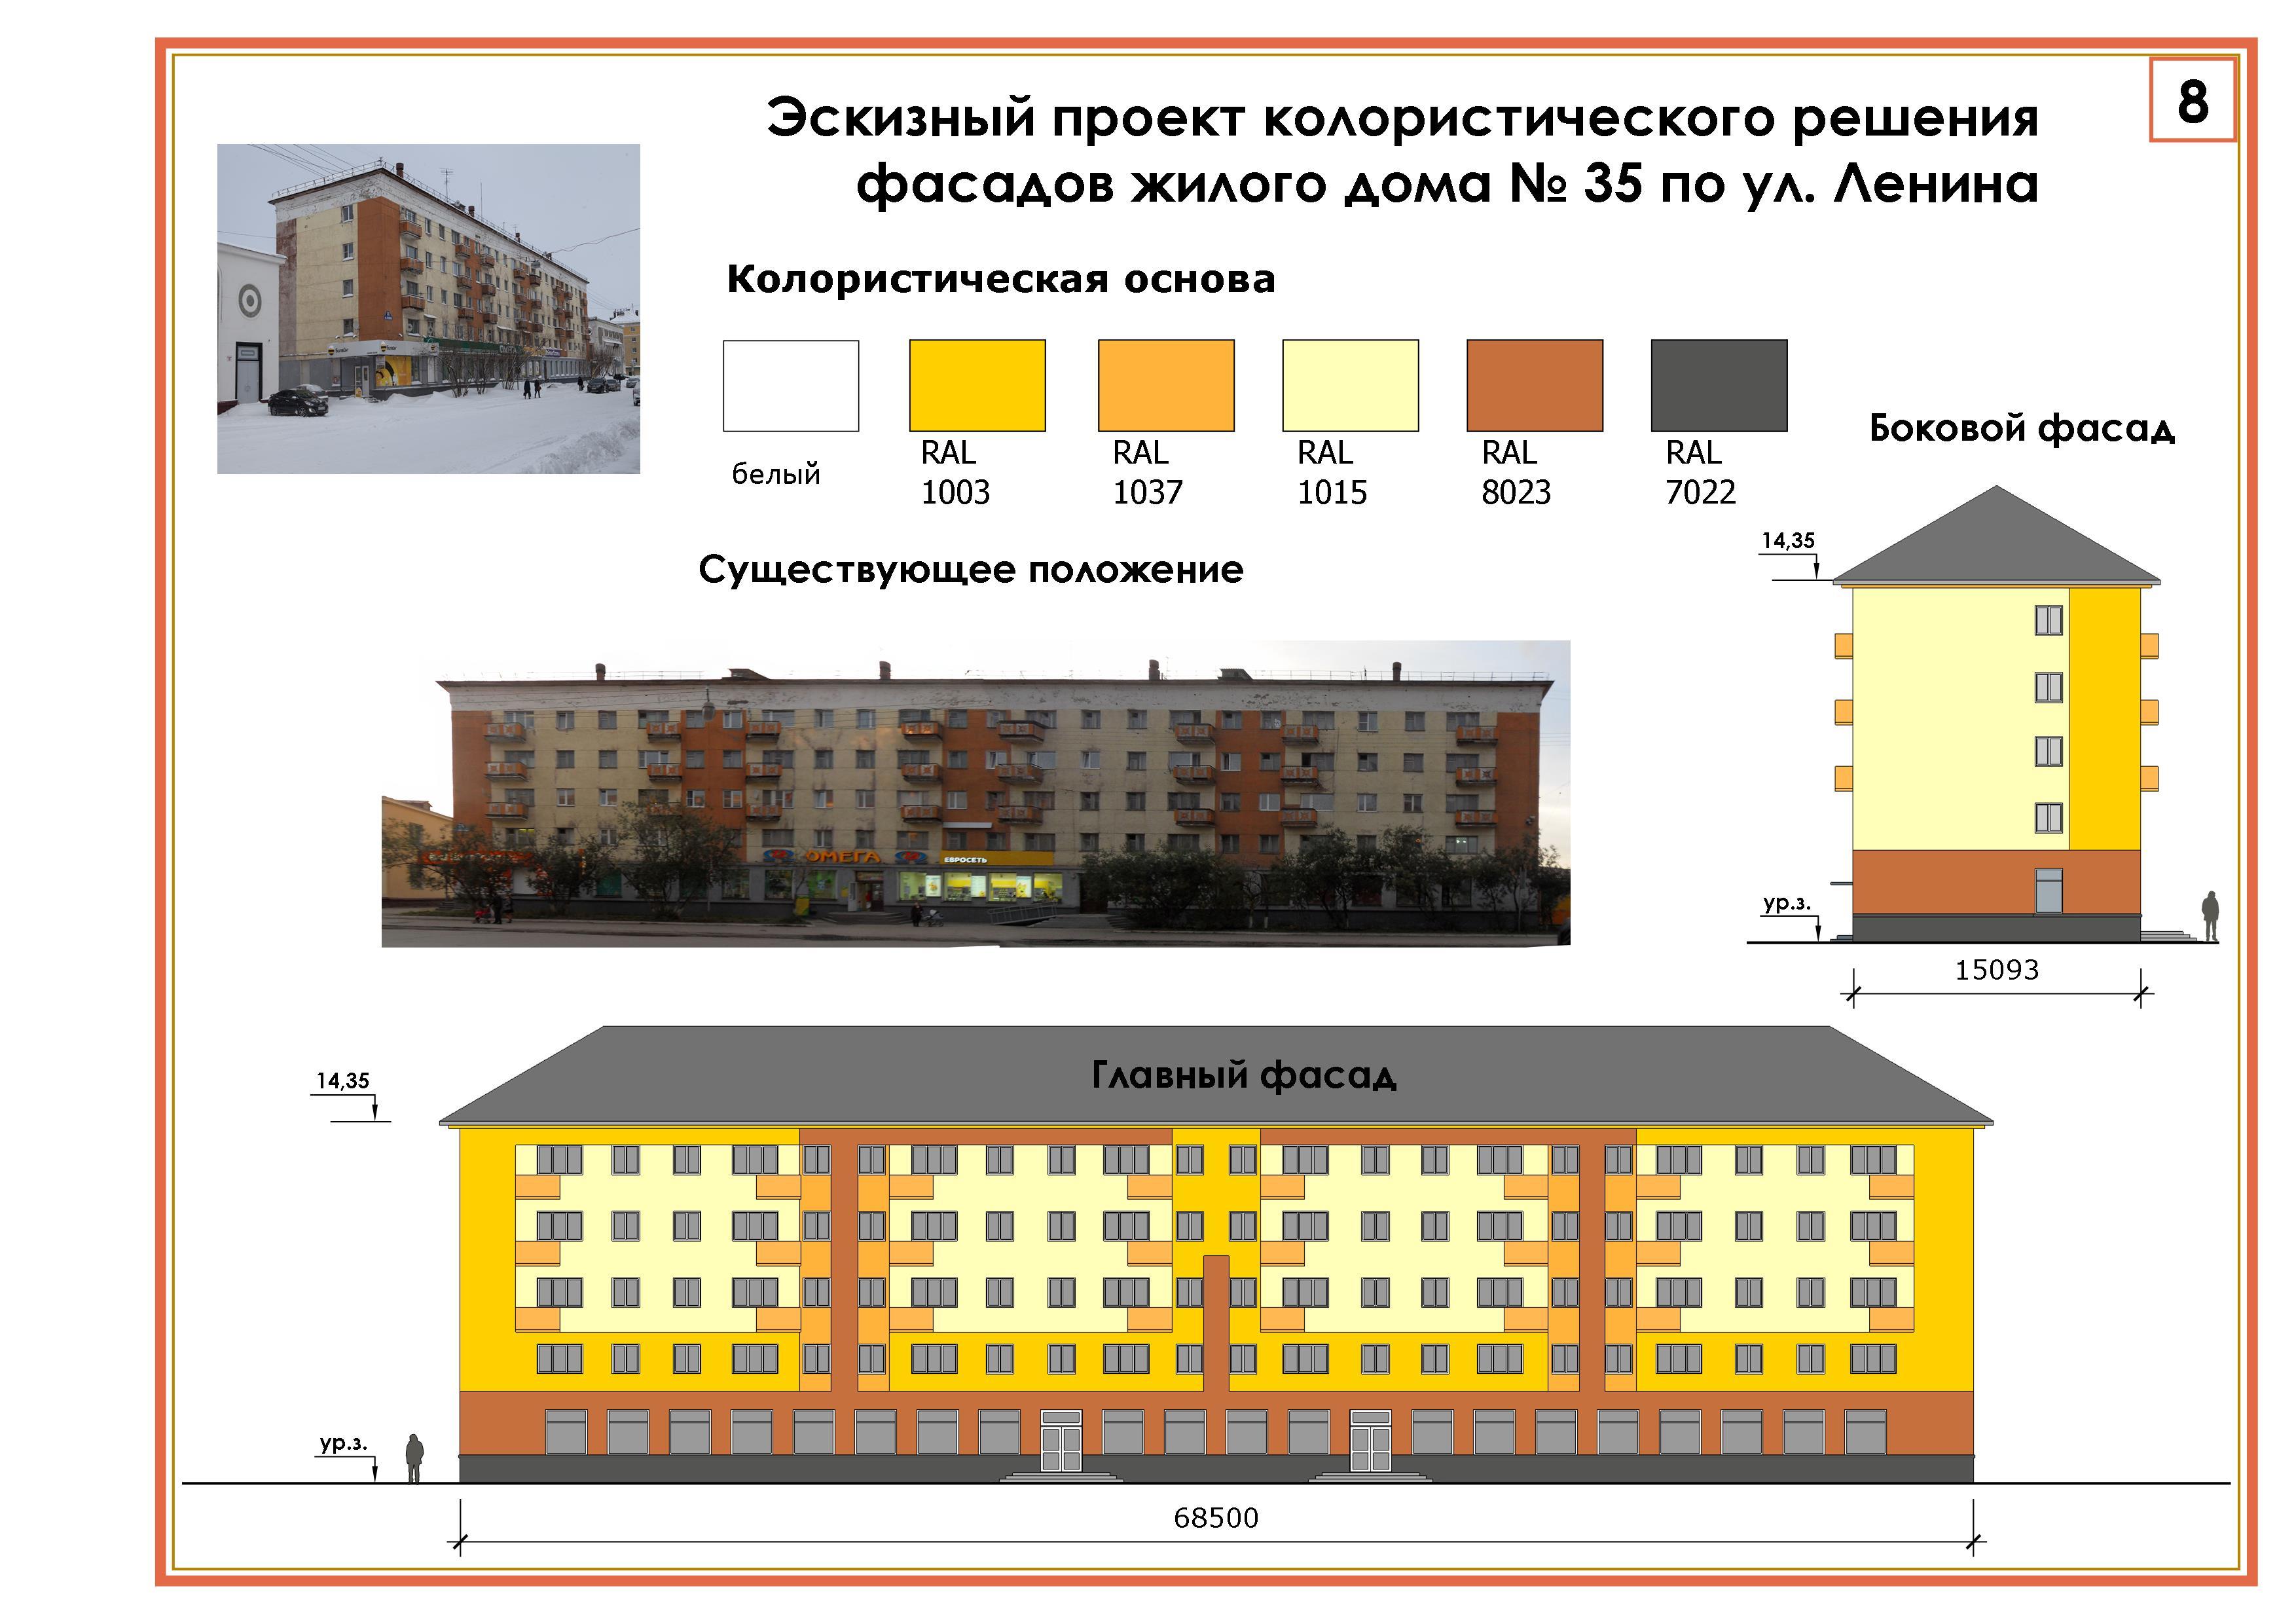 Колористические проекты и паспорта описывают цветовую схемы фасадов здания.